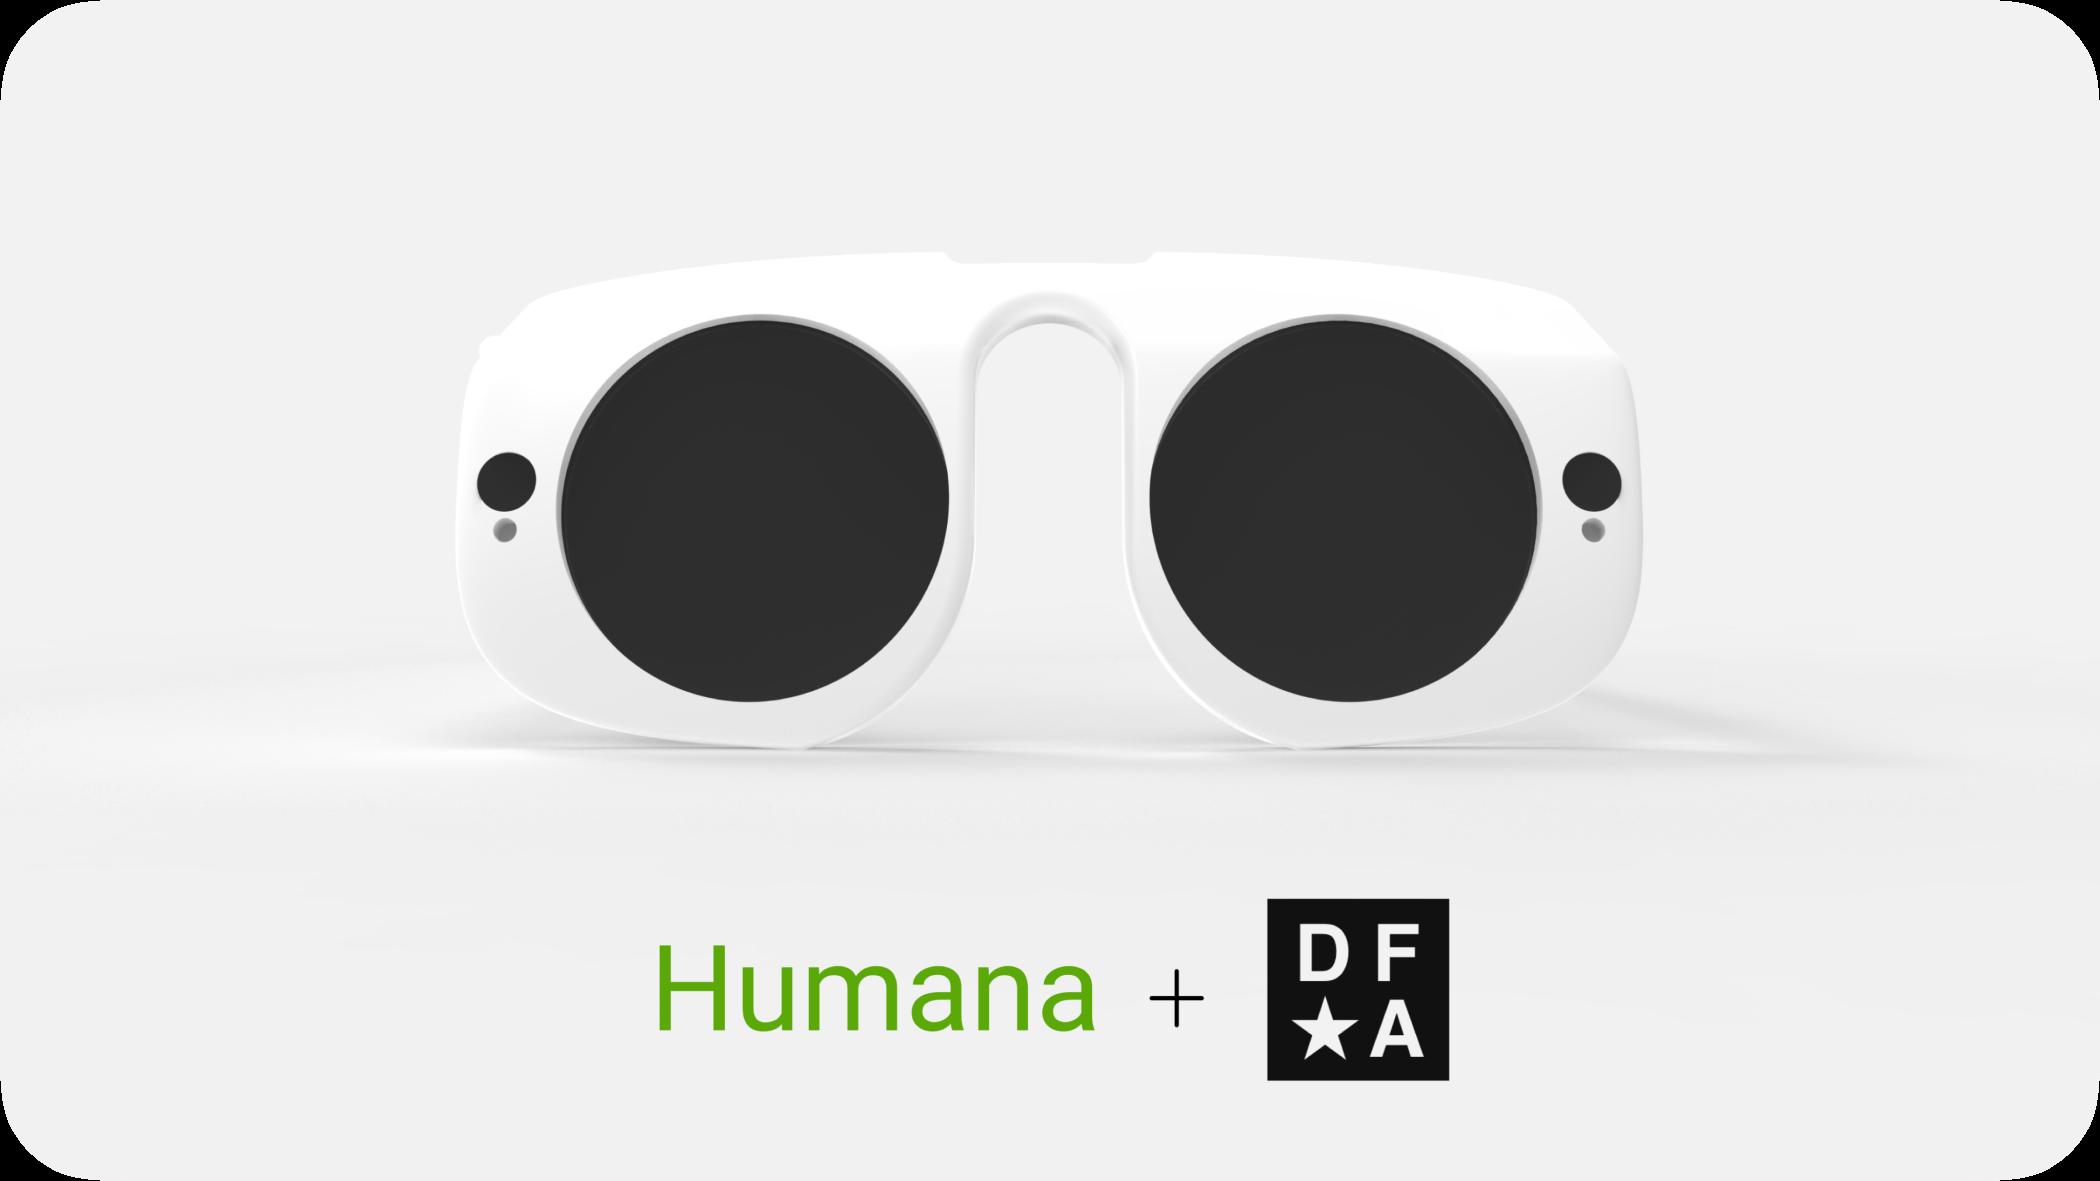 HumanaThumb.png